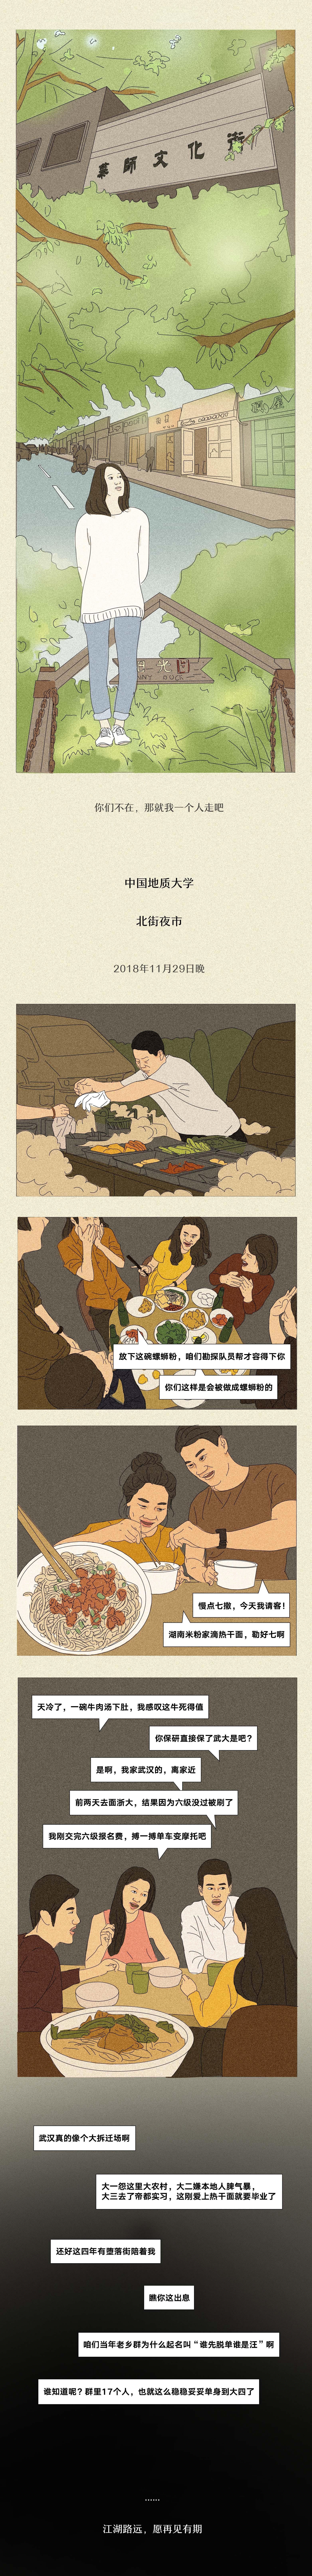 堕落街里,有100万武汉大学生的青春